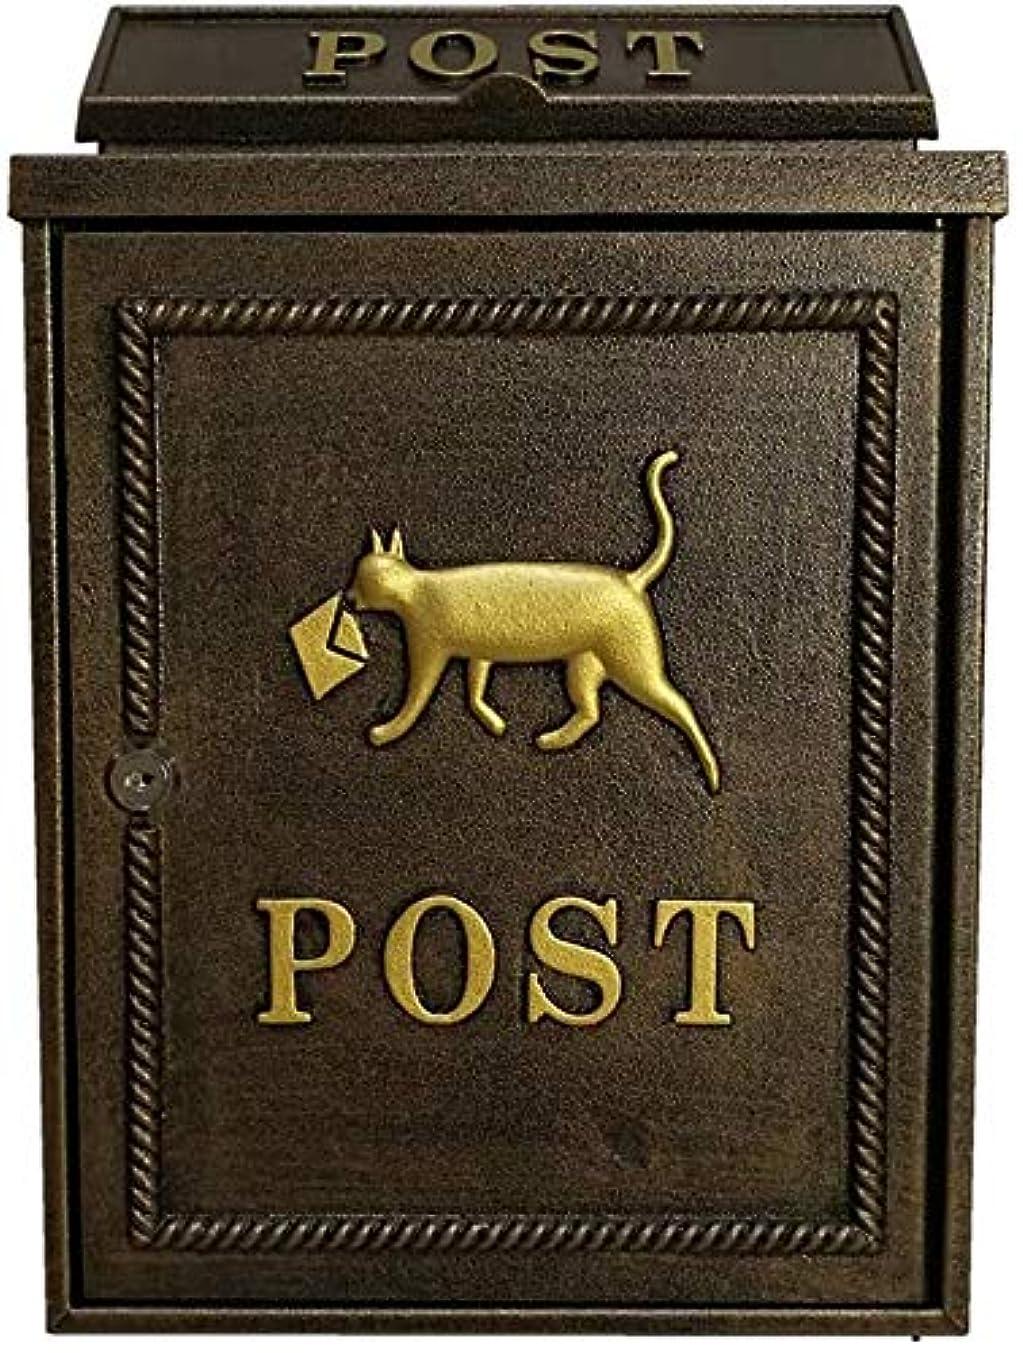 応じるマスク調子メールボックス 郵便受け 壁掛け コミュニティヴィラメールボックスアンティークヨーロッパのアルミ合金ボックスポストボックスメールボックスを壁掛け 1104 (Color : Bronze)